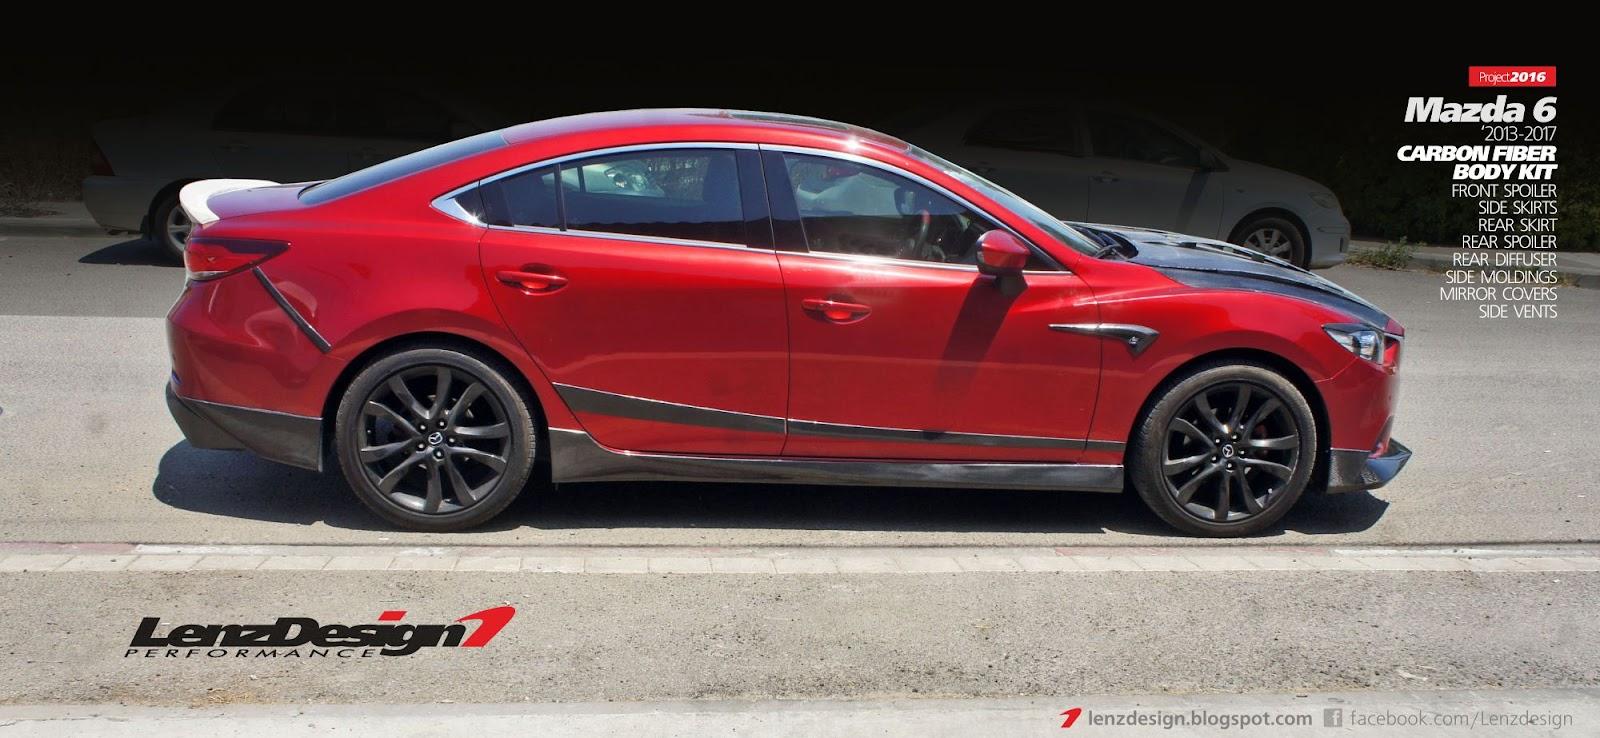 Mazda 6 GJ 2013-2017 Lenzdesign Performance Carbon Fiber ...